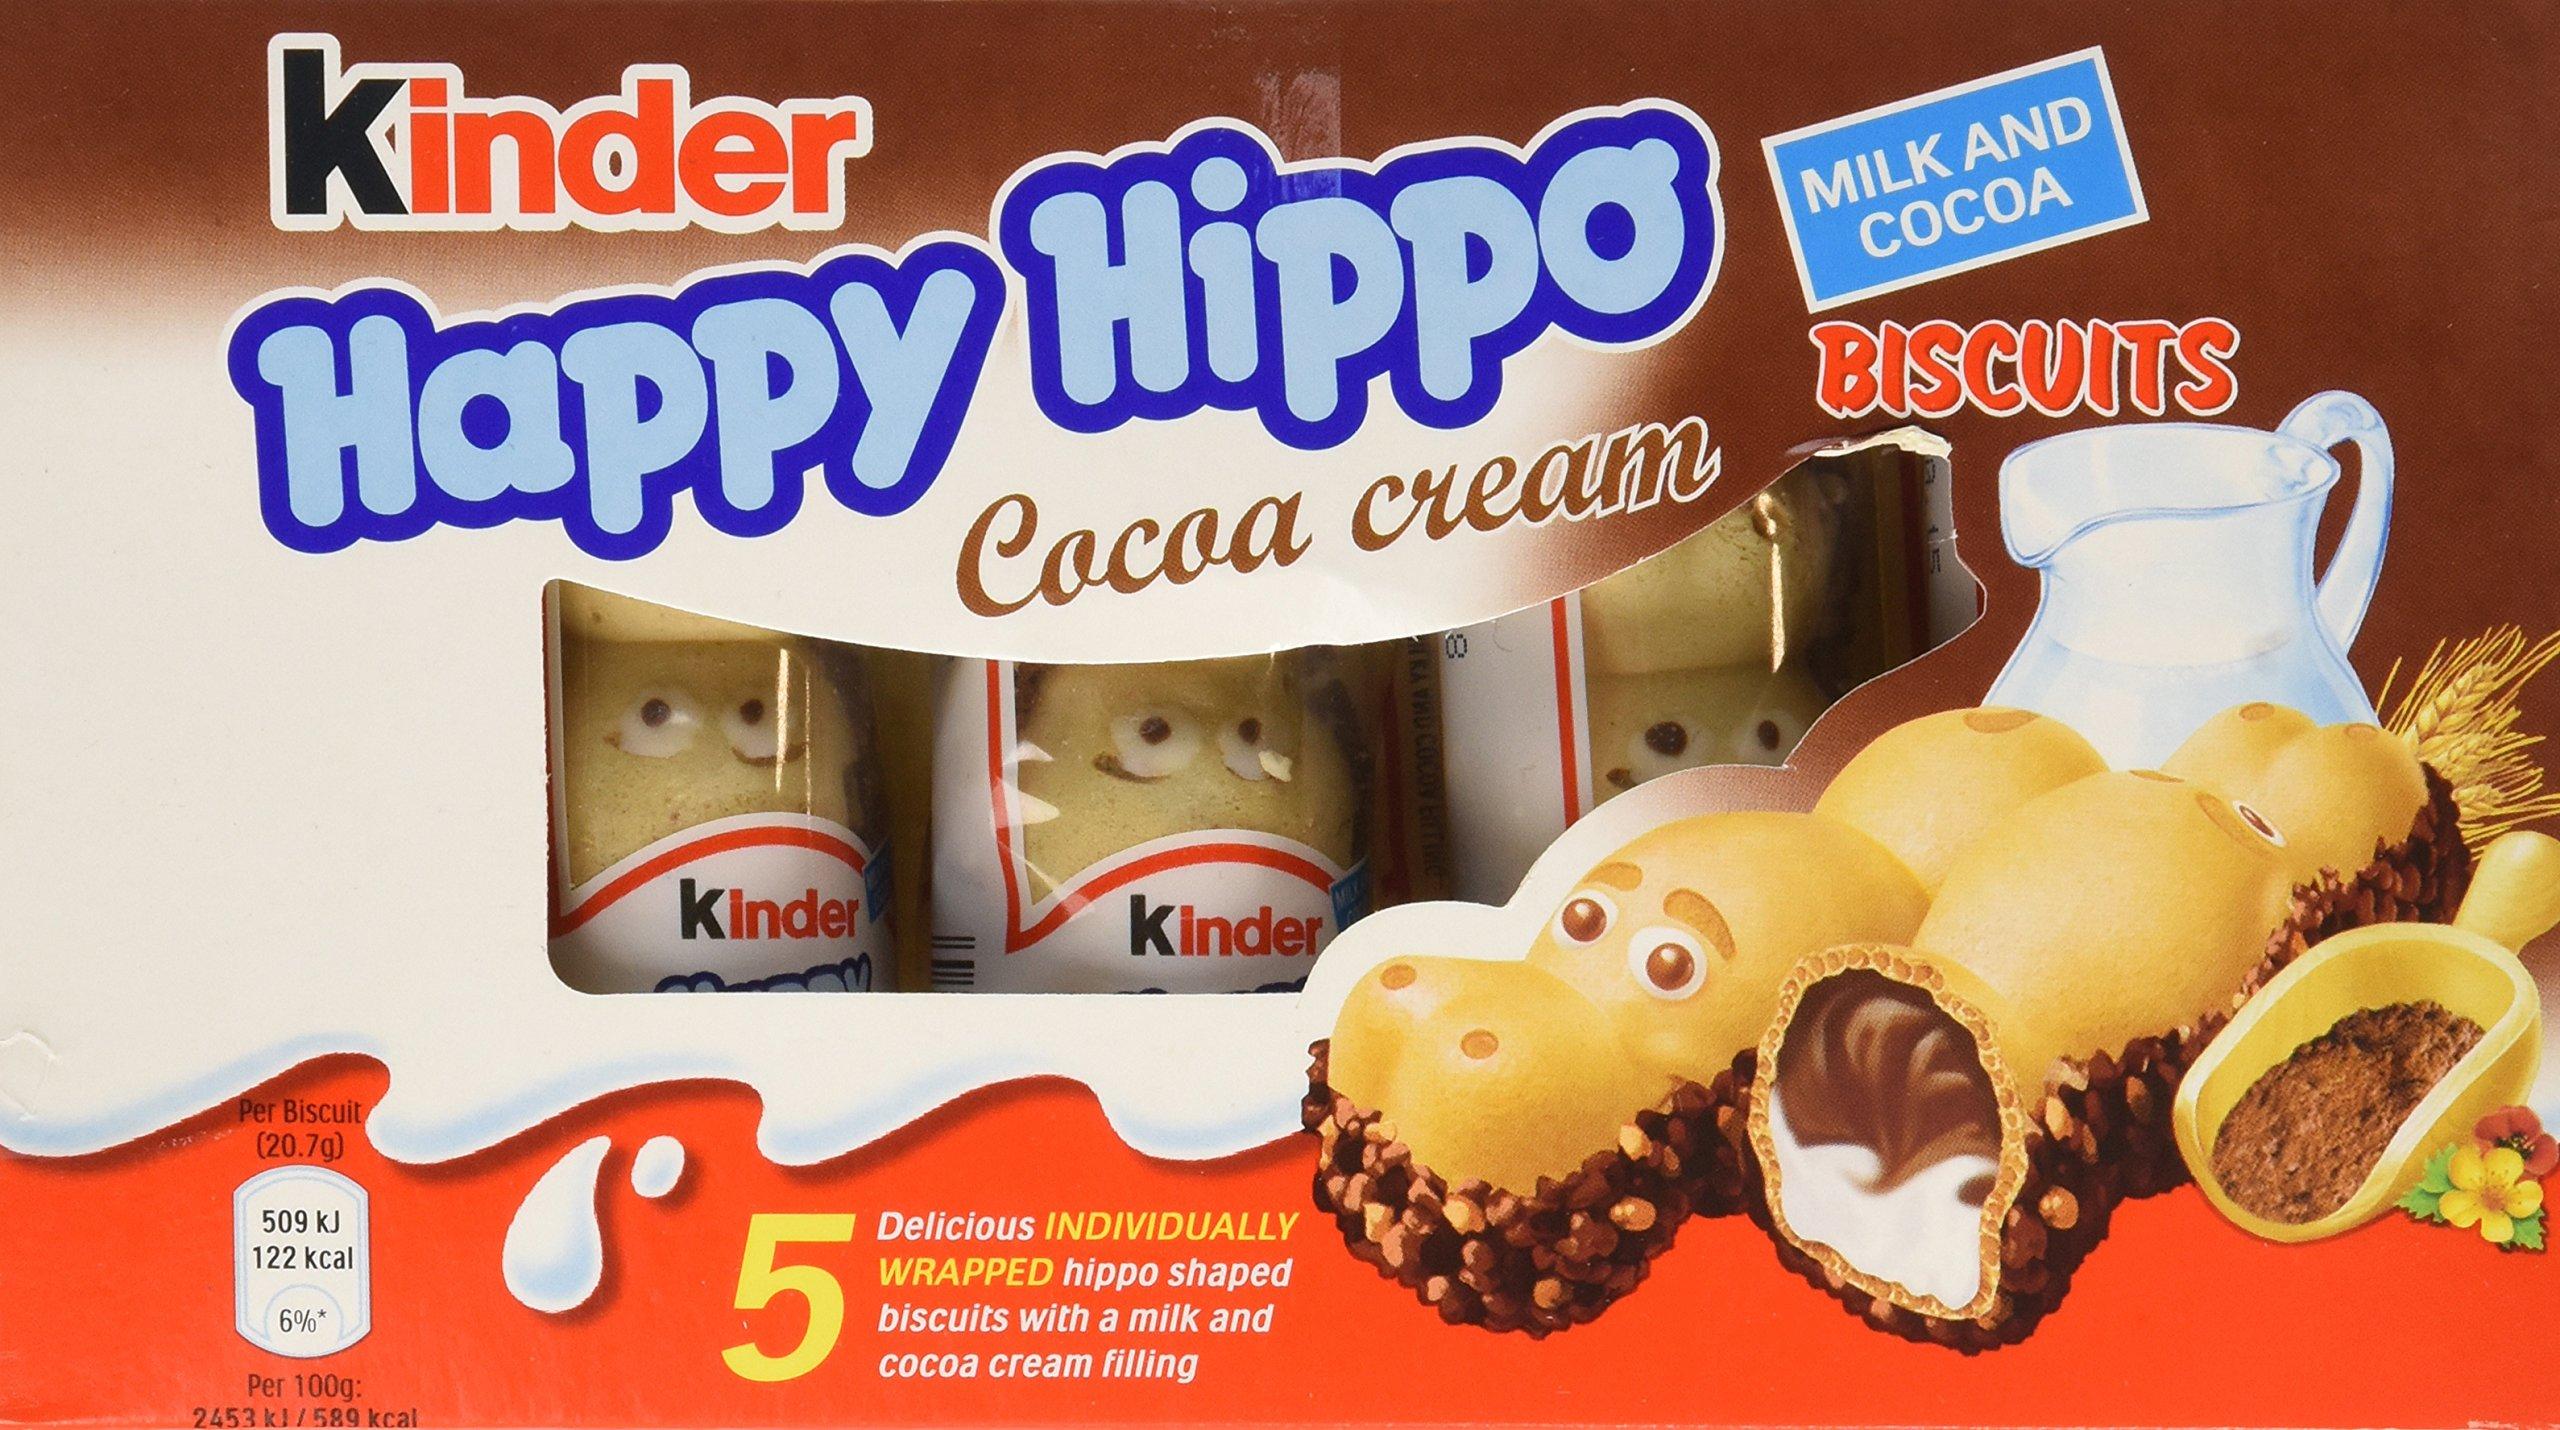 Kinder Happy Hippo - Cocoa, CASE, 10x(20.7g x 5) by Ferrero